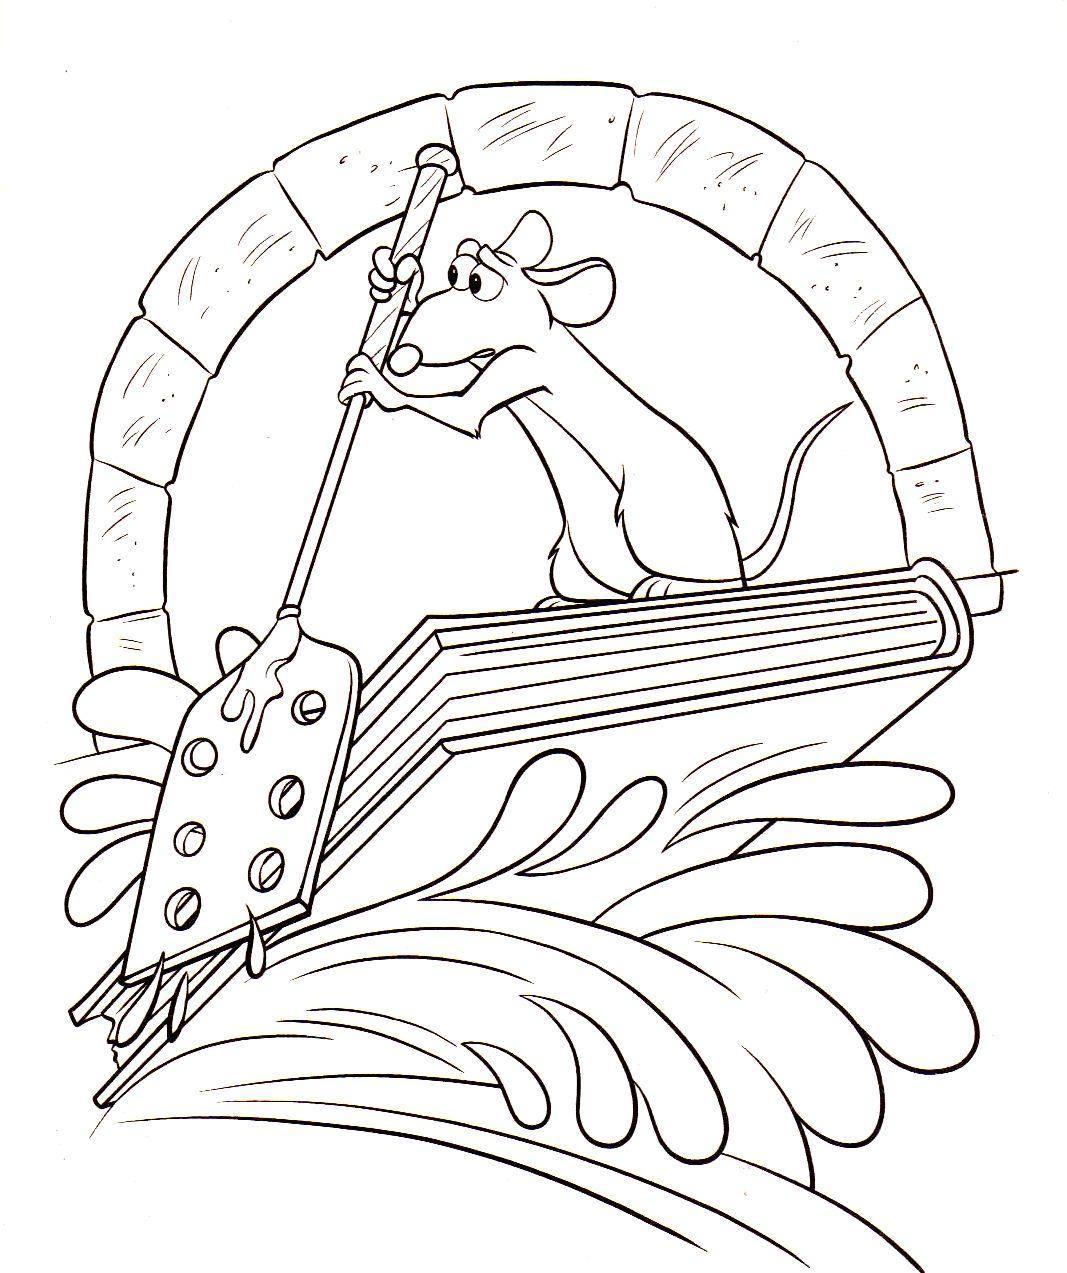 Coloriage De Rauille À Imprimer - Coloriage Rauille dedans Dessin Ratatouille